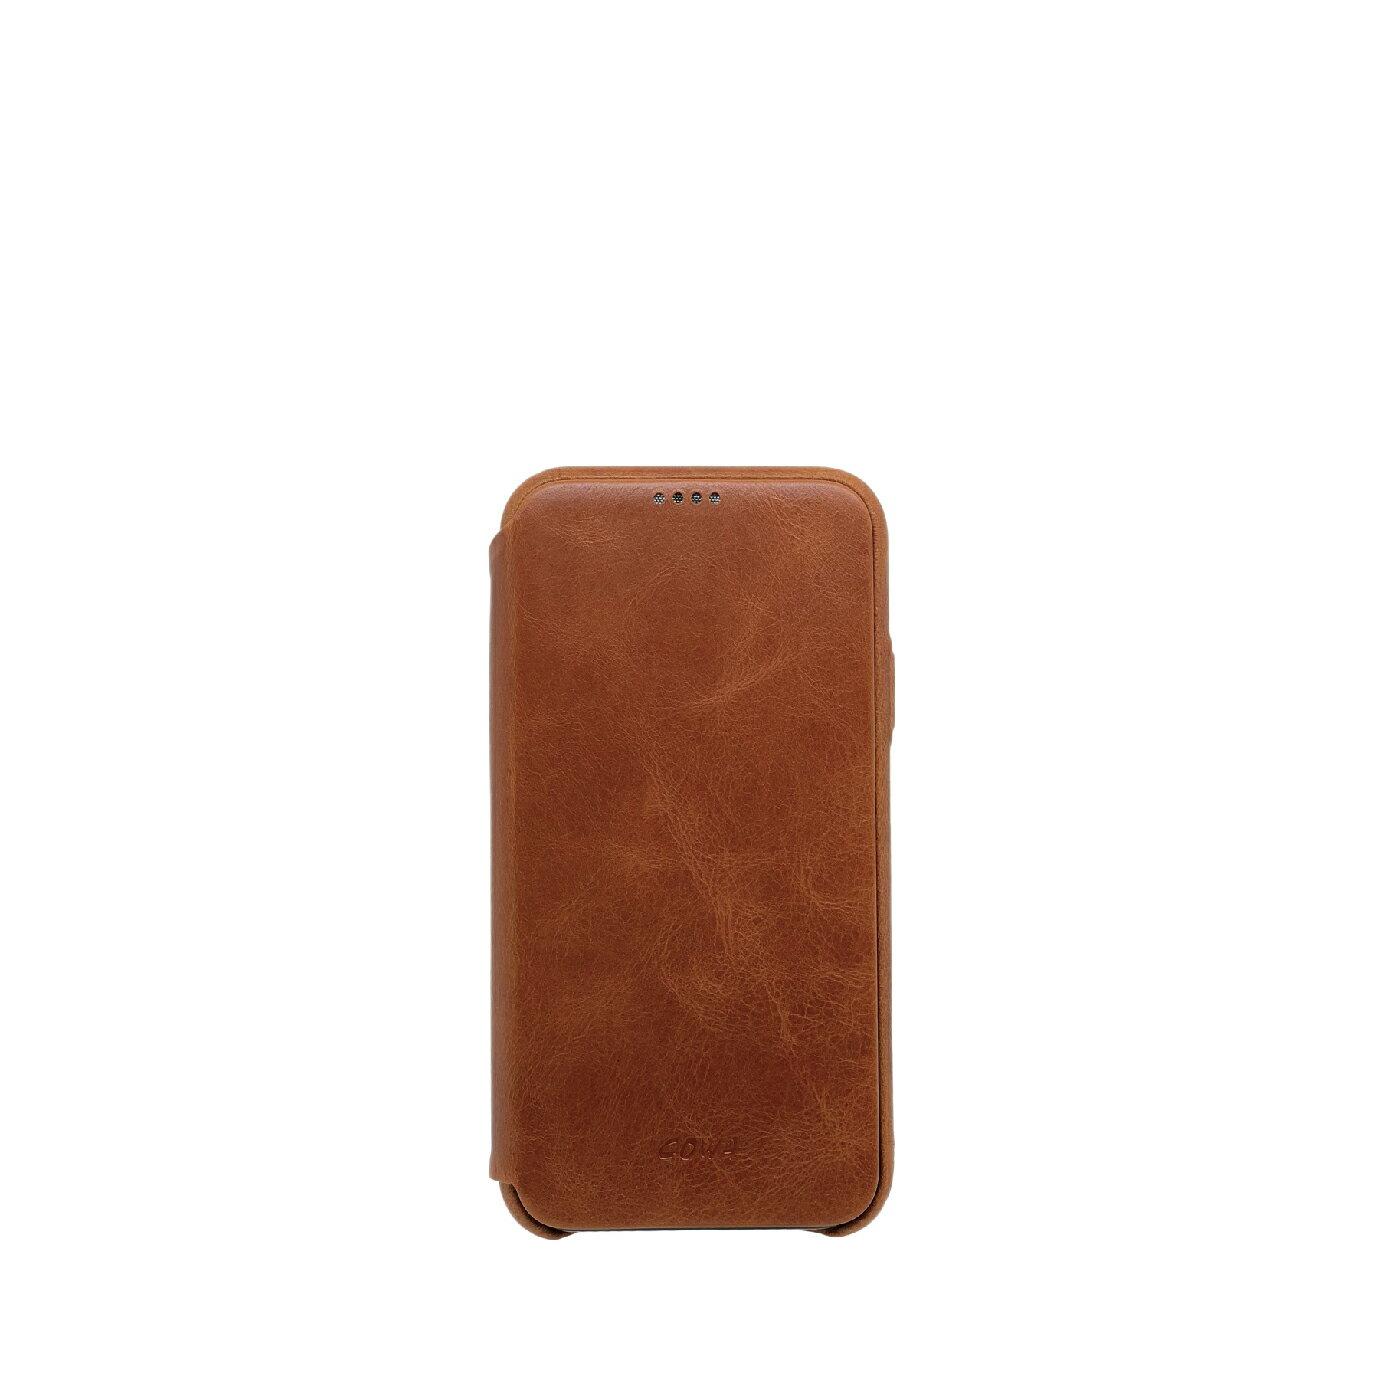 iPhoneX-cowa翻蓋式手機殼